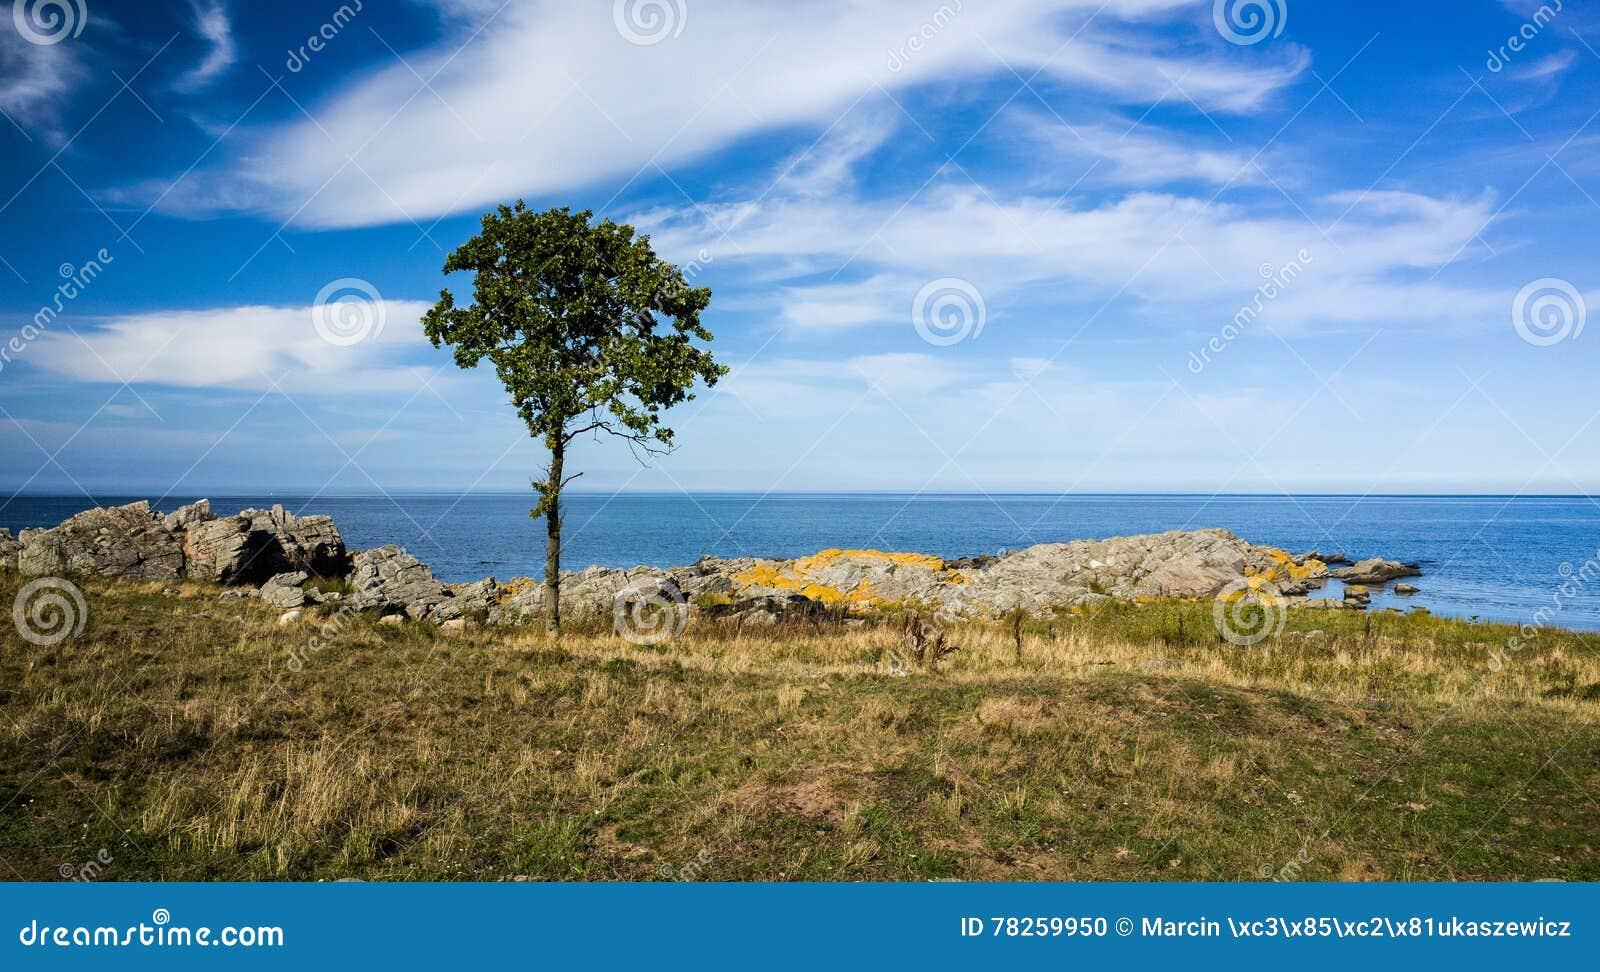 Paisagem com rochas, árvore e água